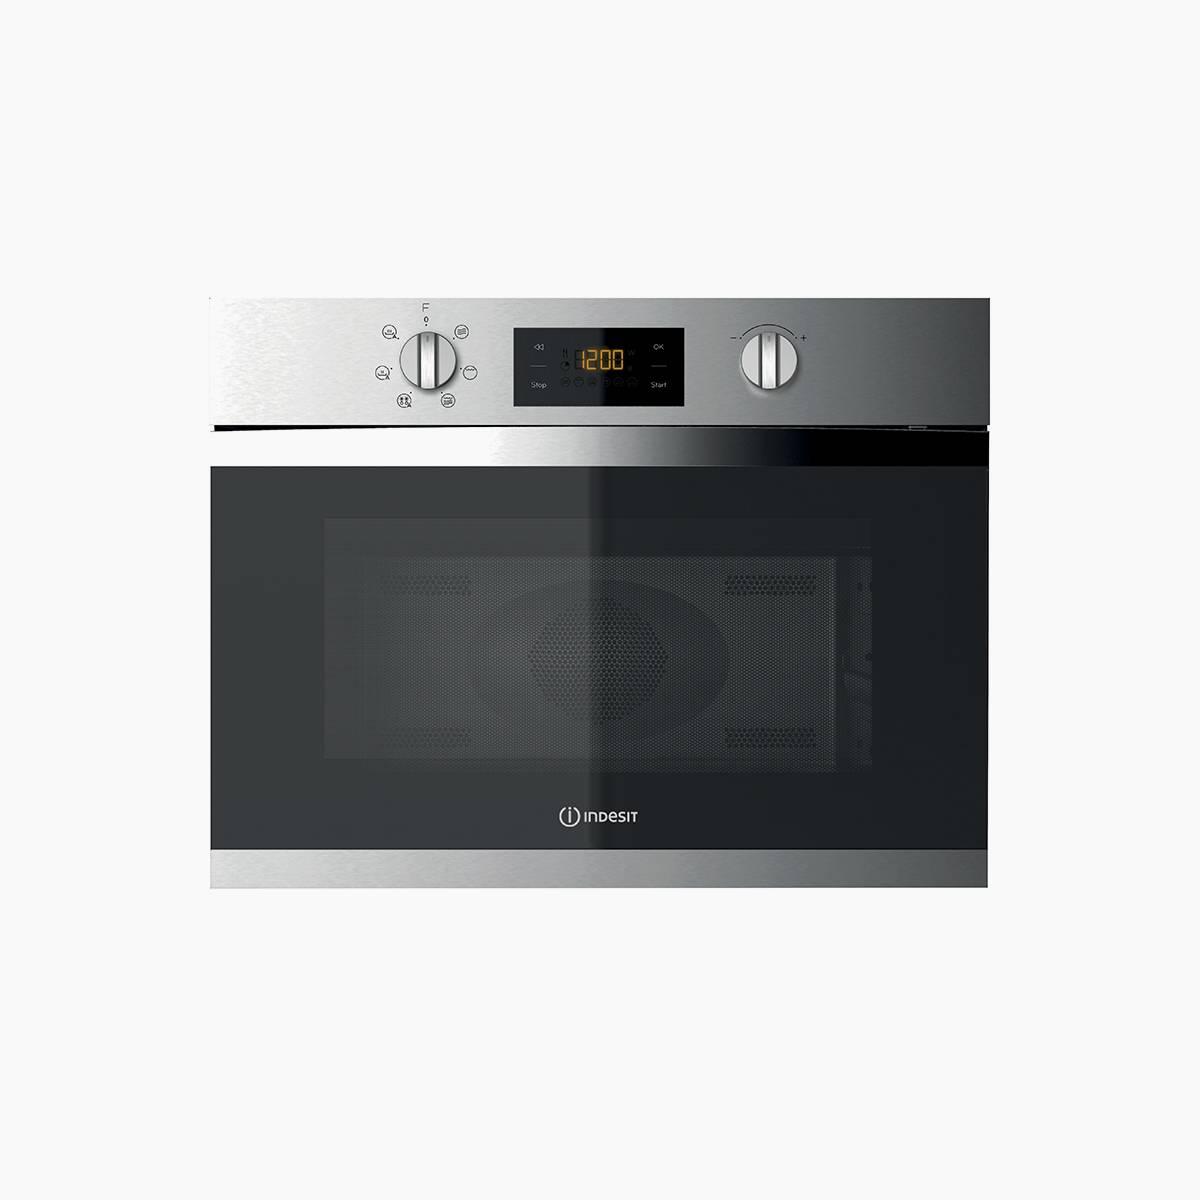 Insieme in cucina indesit elettrodomestici per la - Elettrodomestici per la cucina ...